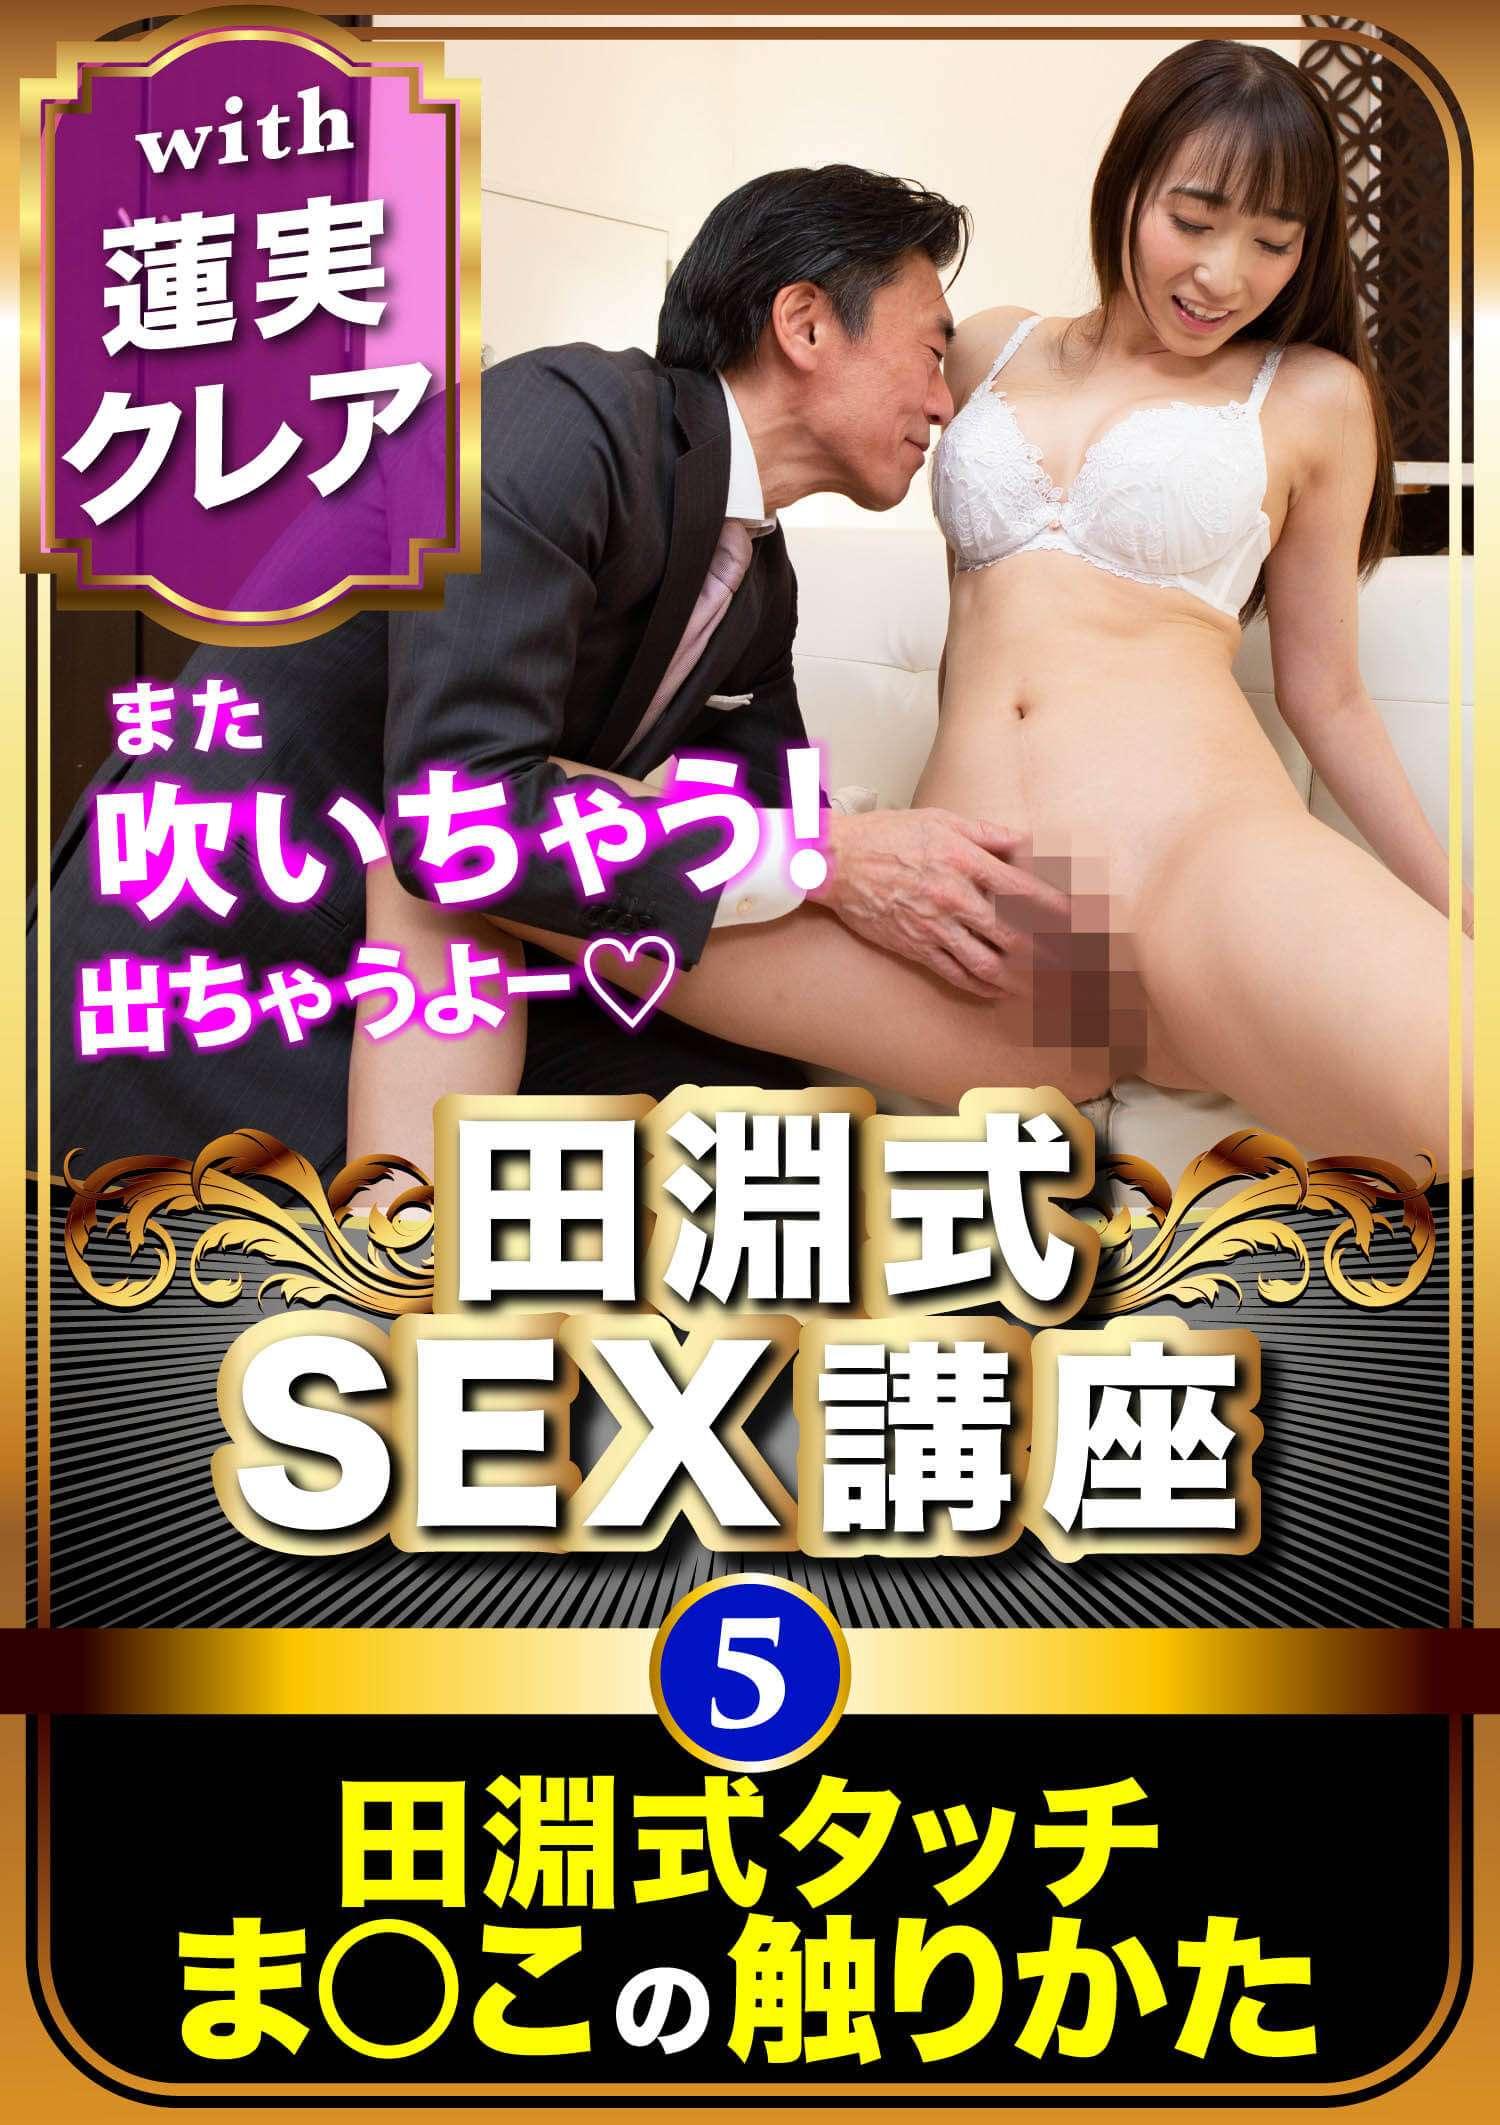 田淵式SEX講座5 田淵式タッチ~ま〇この触り方~